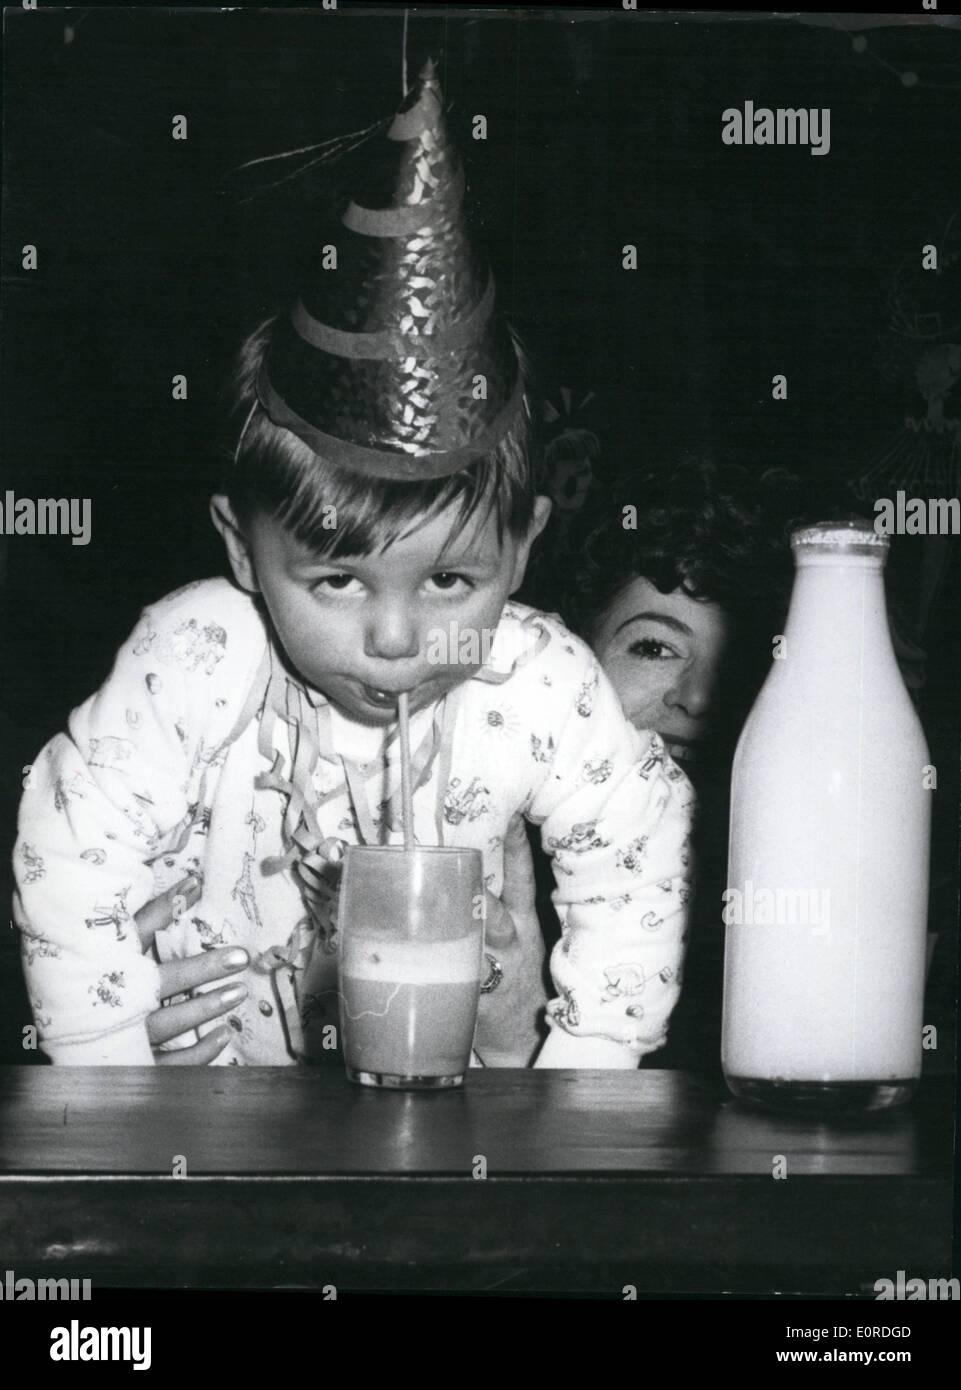 Febrero 02, 1959 - Niños Carnival en el ''tumbado baron'', ''Muenchhausen mintiendo baron'' Muenchhausen invitó a los niños de Munich a un carnaval de niños para el Deutsches Theater en Múnich. Más de 2500 niños de todas las edades siguieron su invitación. Foto de stock